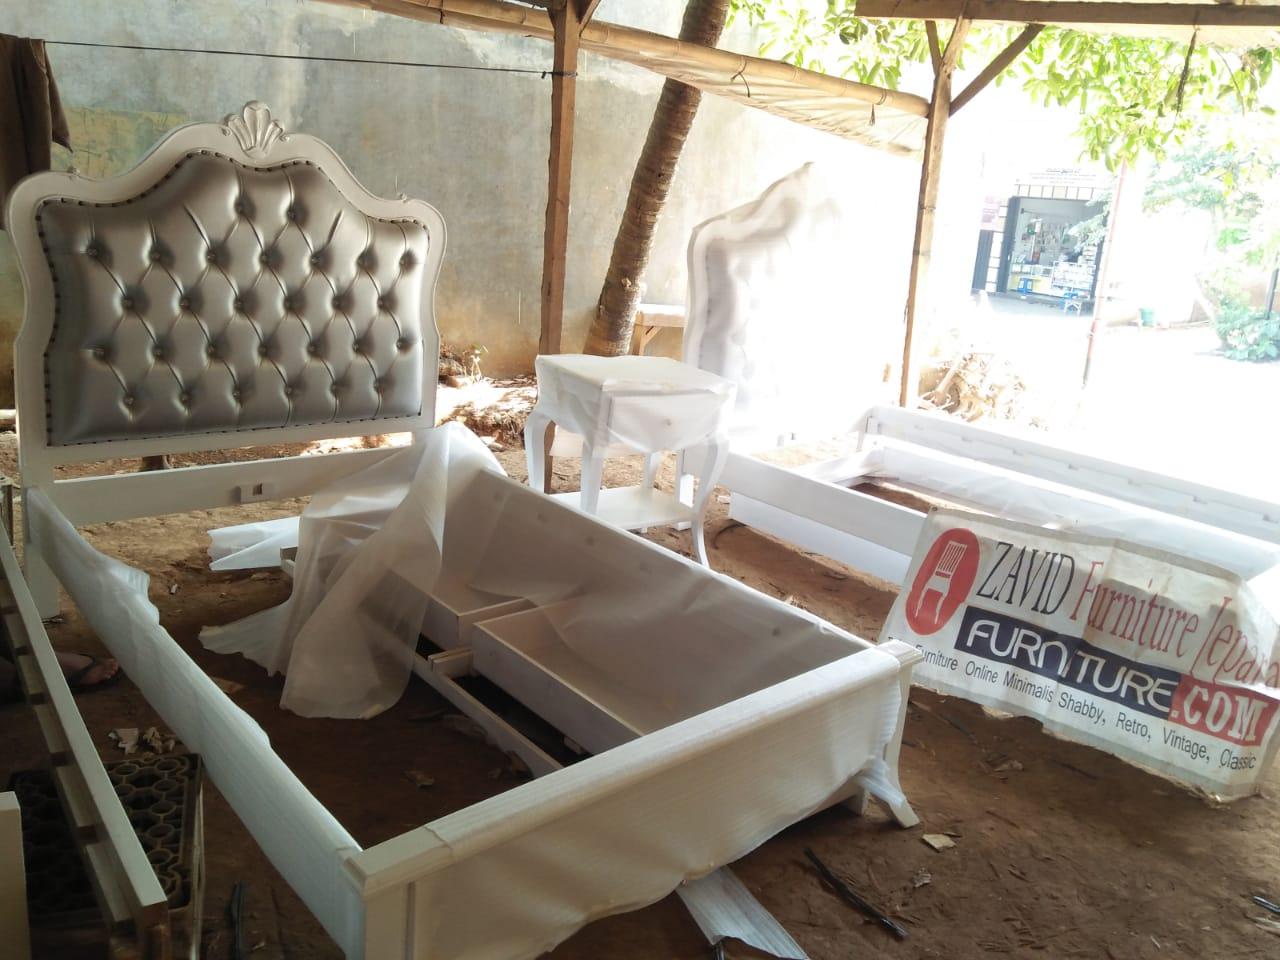 tempat-tidur-mewah-minimalis-putih-duco Tempat Tidur Demak Minimalis Mewah Putih Duco